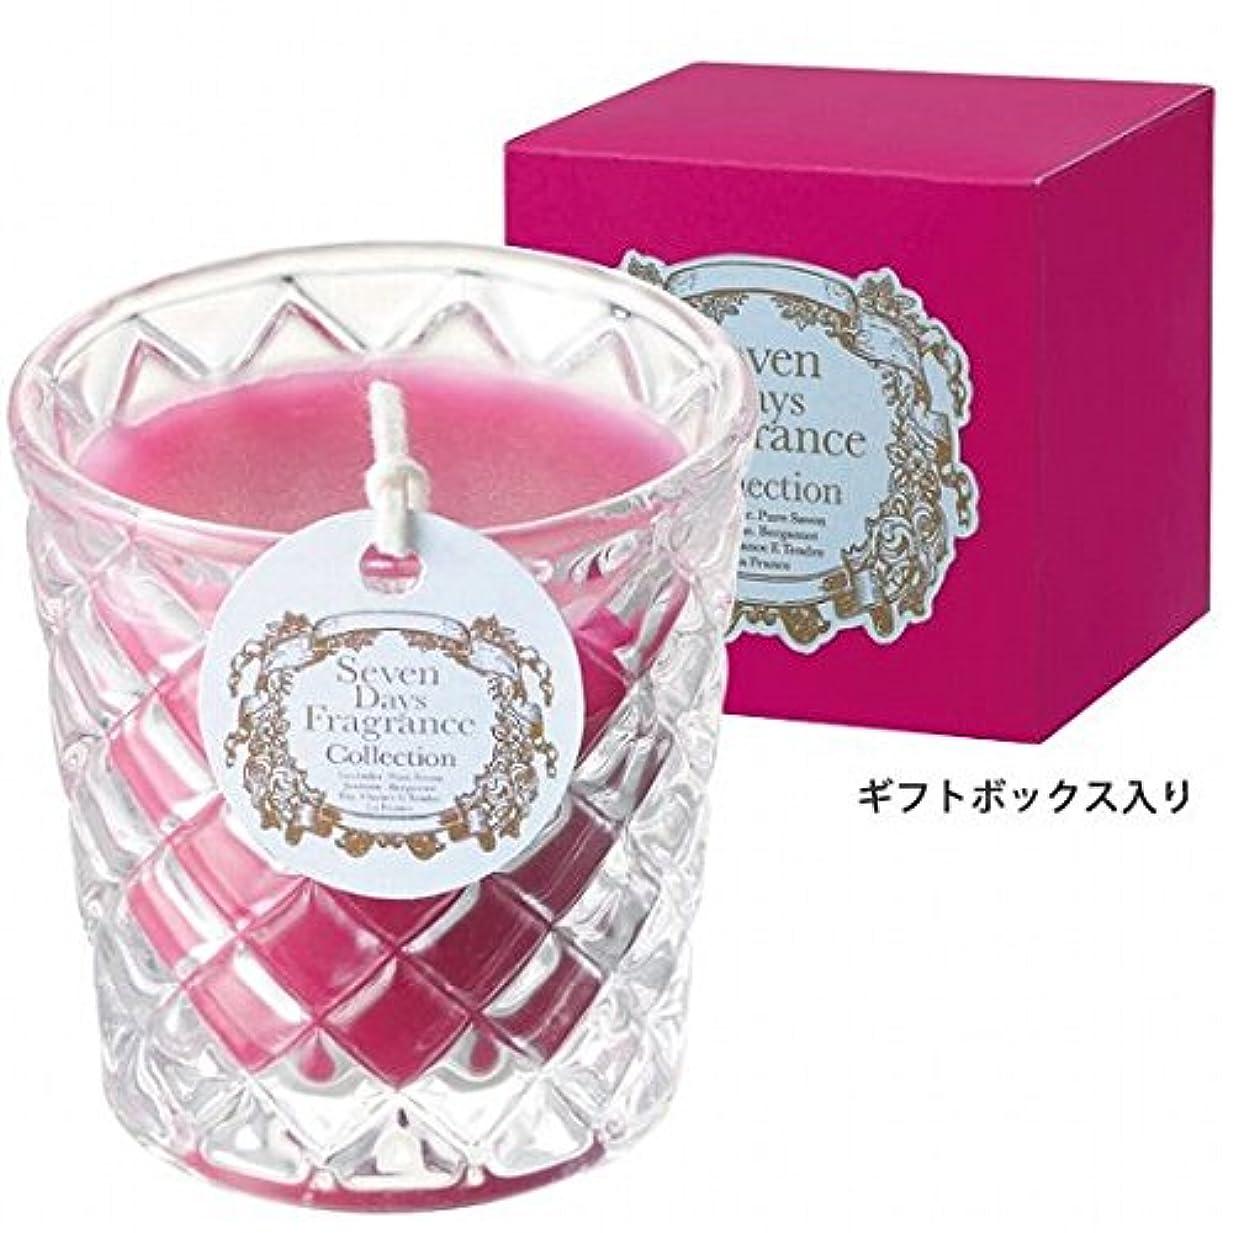 シャベル装備する行列カメヤマキャンドル( kameyama candle ) セブンデイズグラスキャンドル(木曜日) 「 フィグ 」